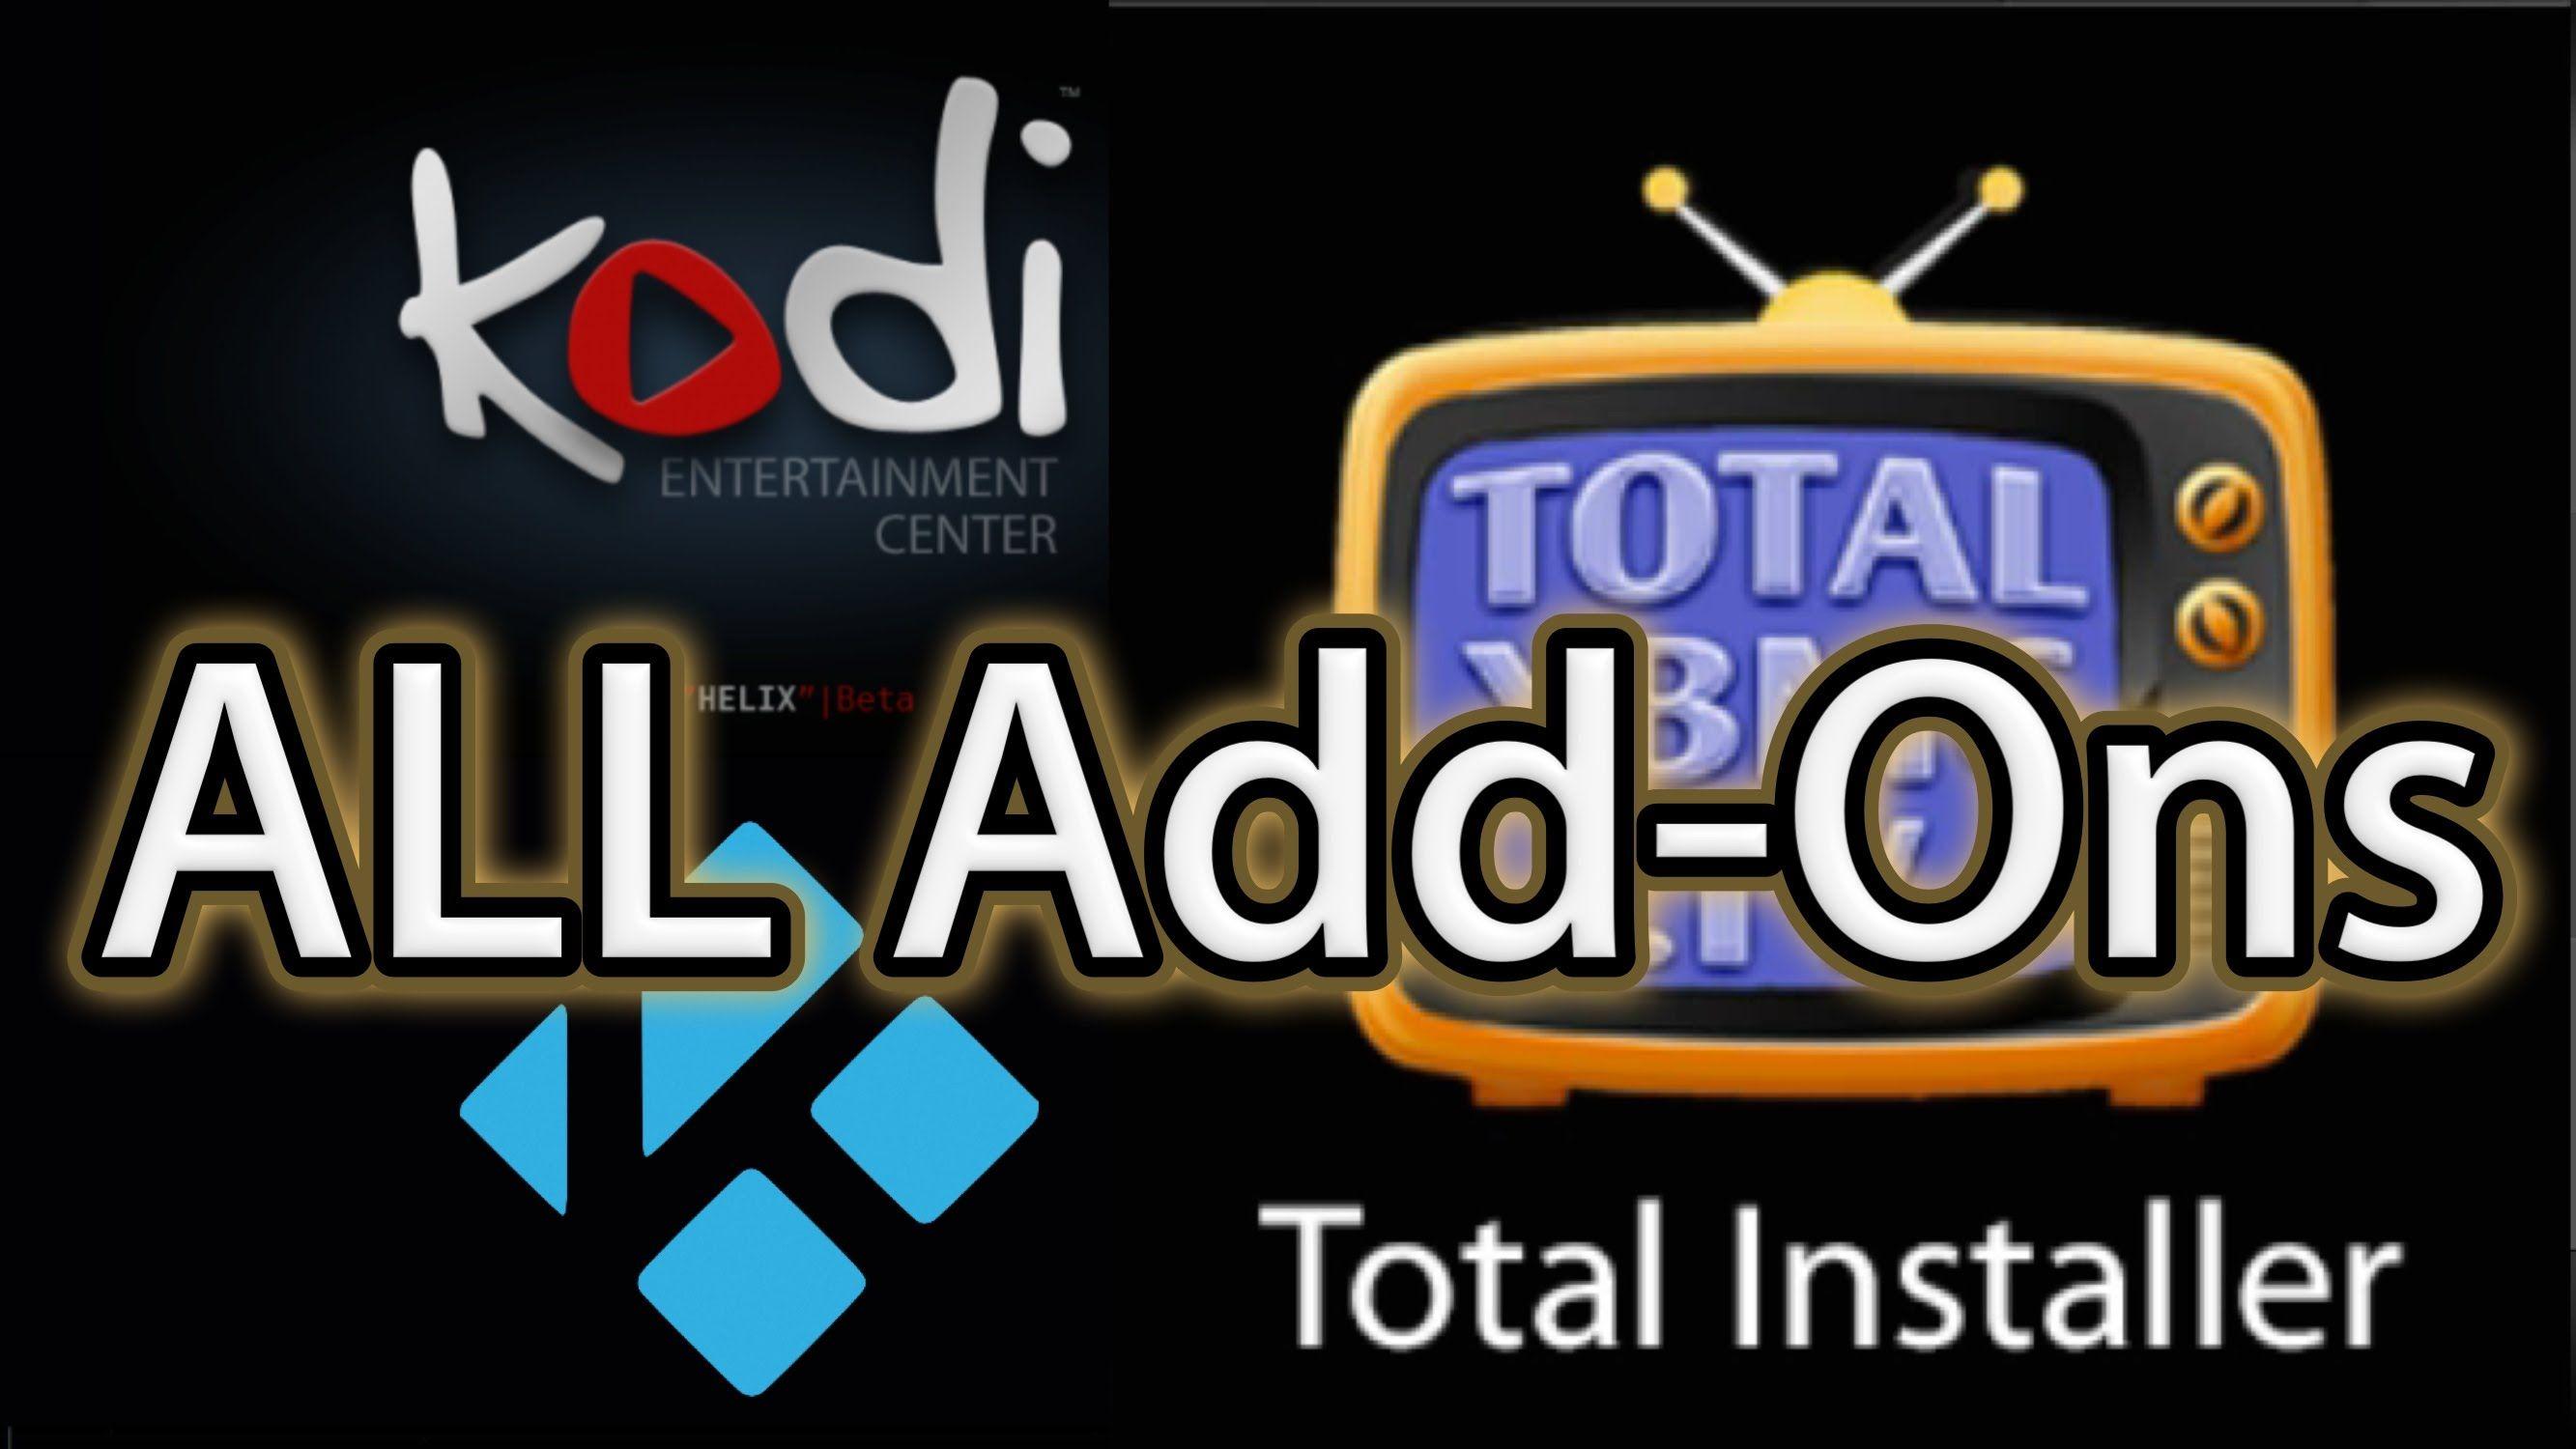 Addon Kodi Para Porno install every add-on available on kodi xbmc totalxbmc.tv